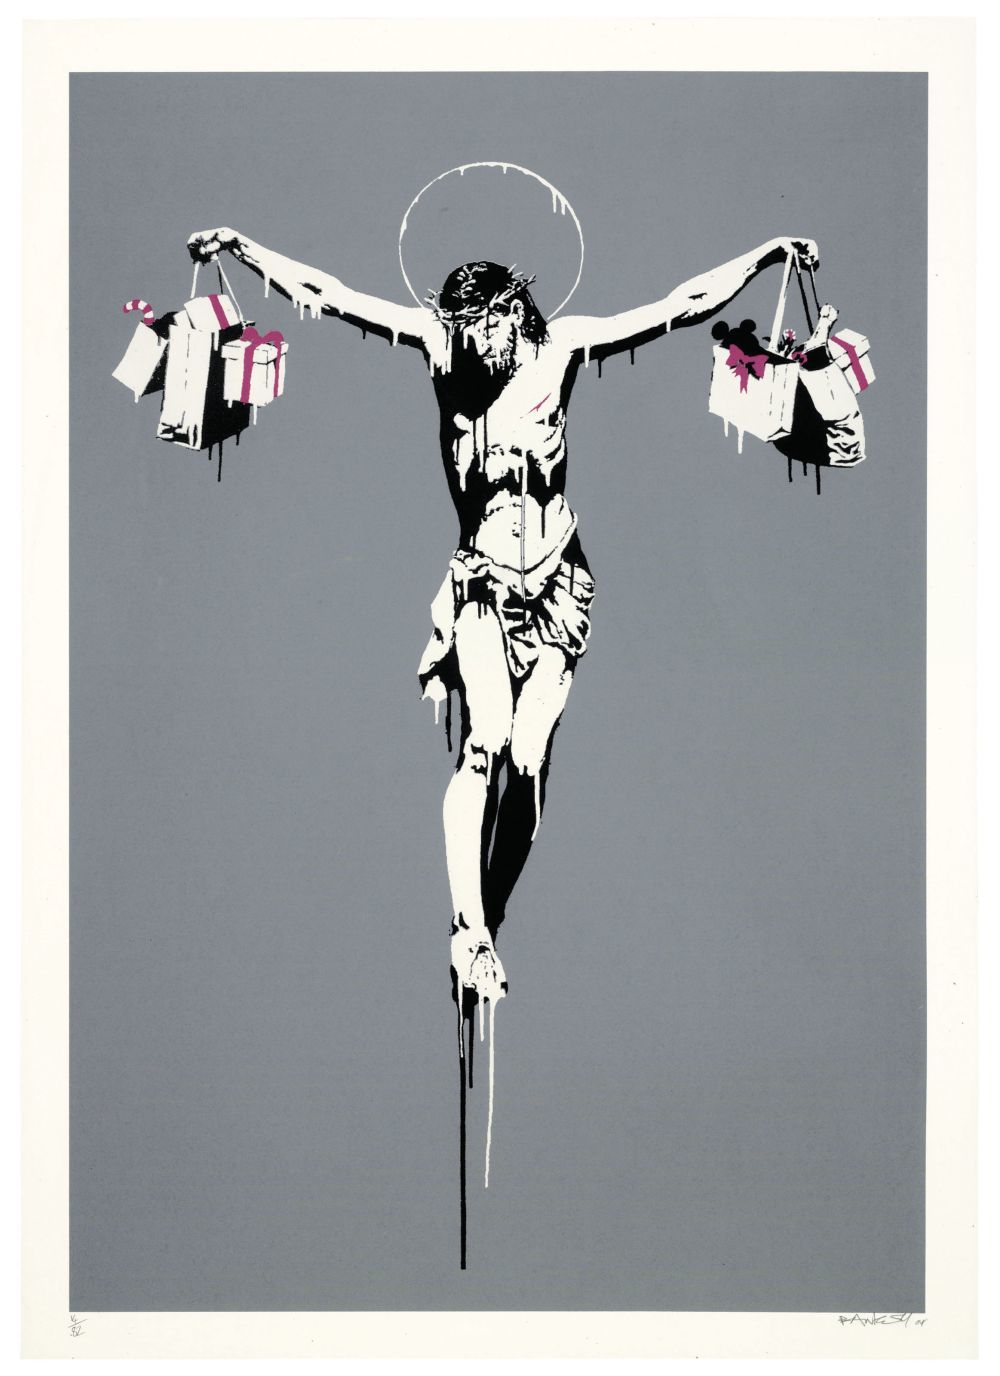 """""""Christ with shopping bags"""" (""""Cristo con bolsas de la compra""""), una de las obras de Banksy que se puede visitar en la exposición del Cïrculo de Bellas Artes."""